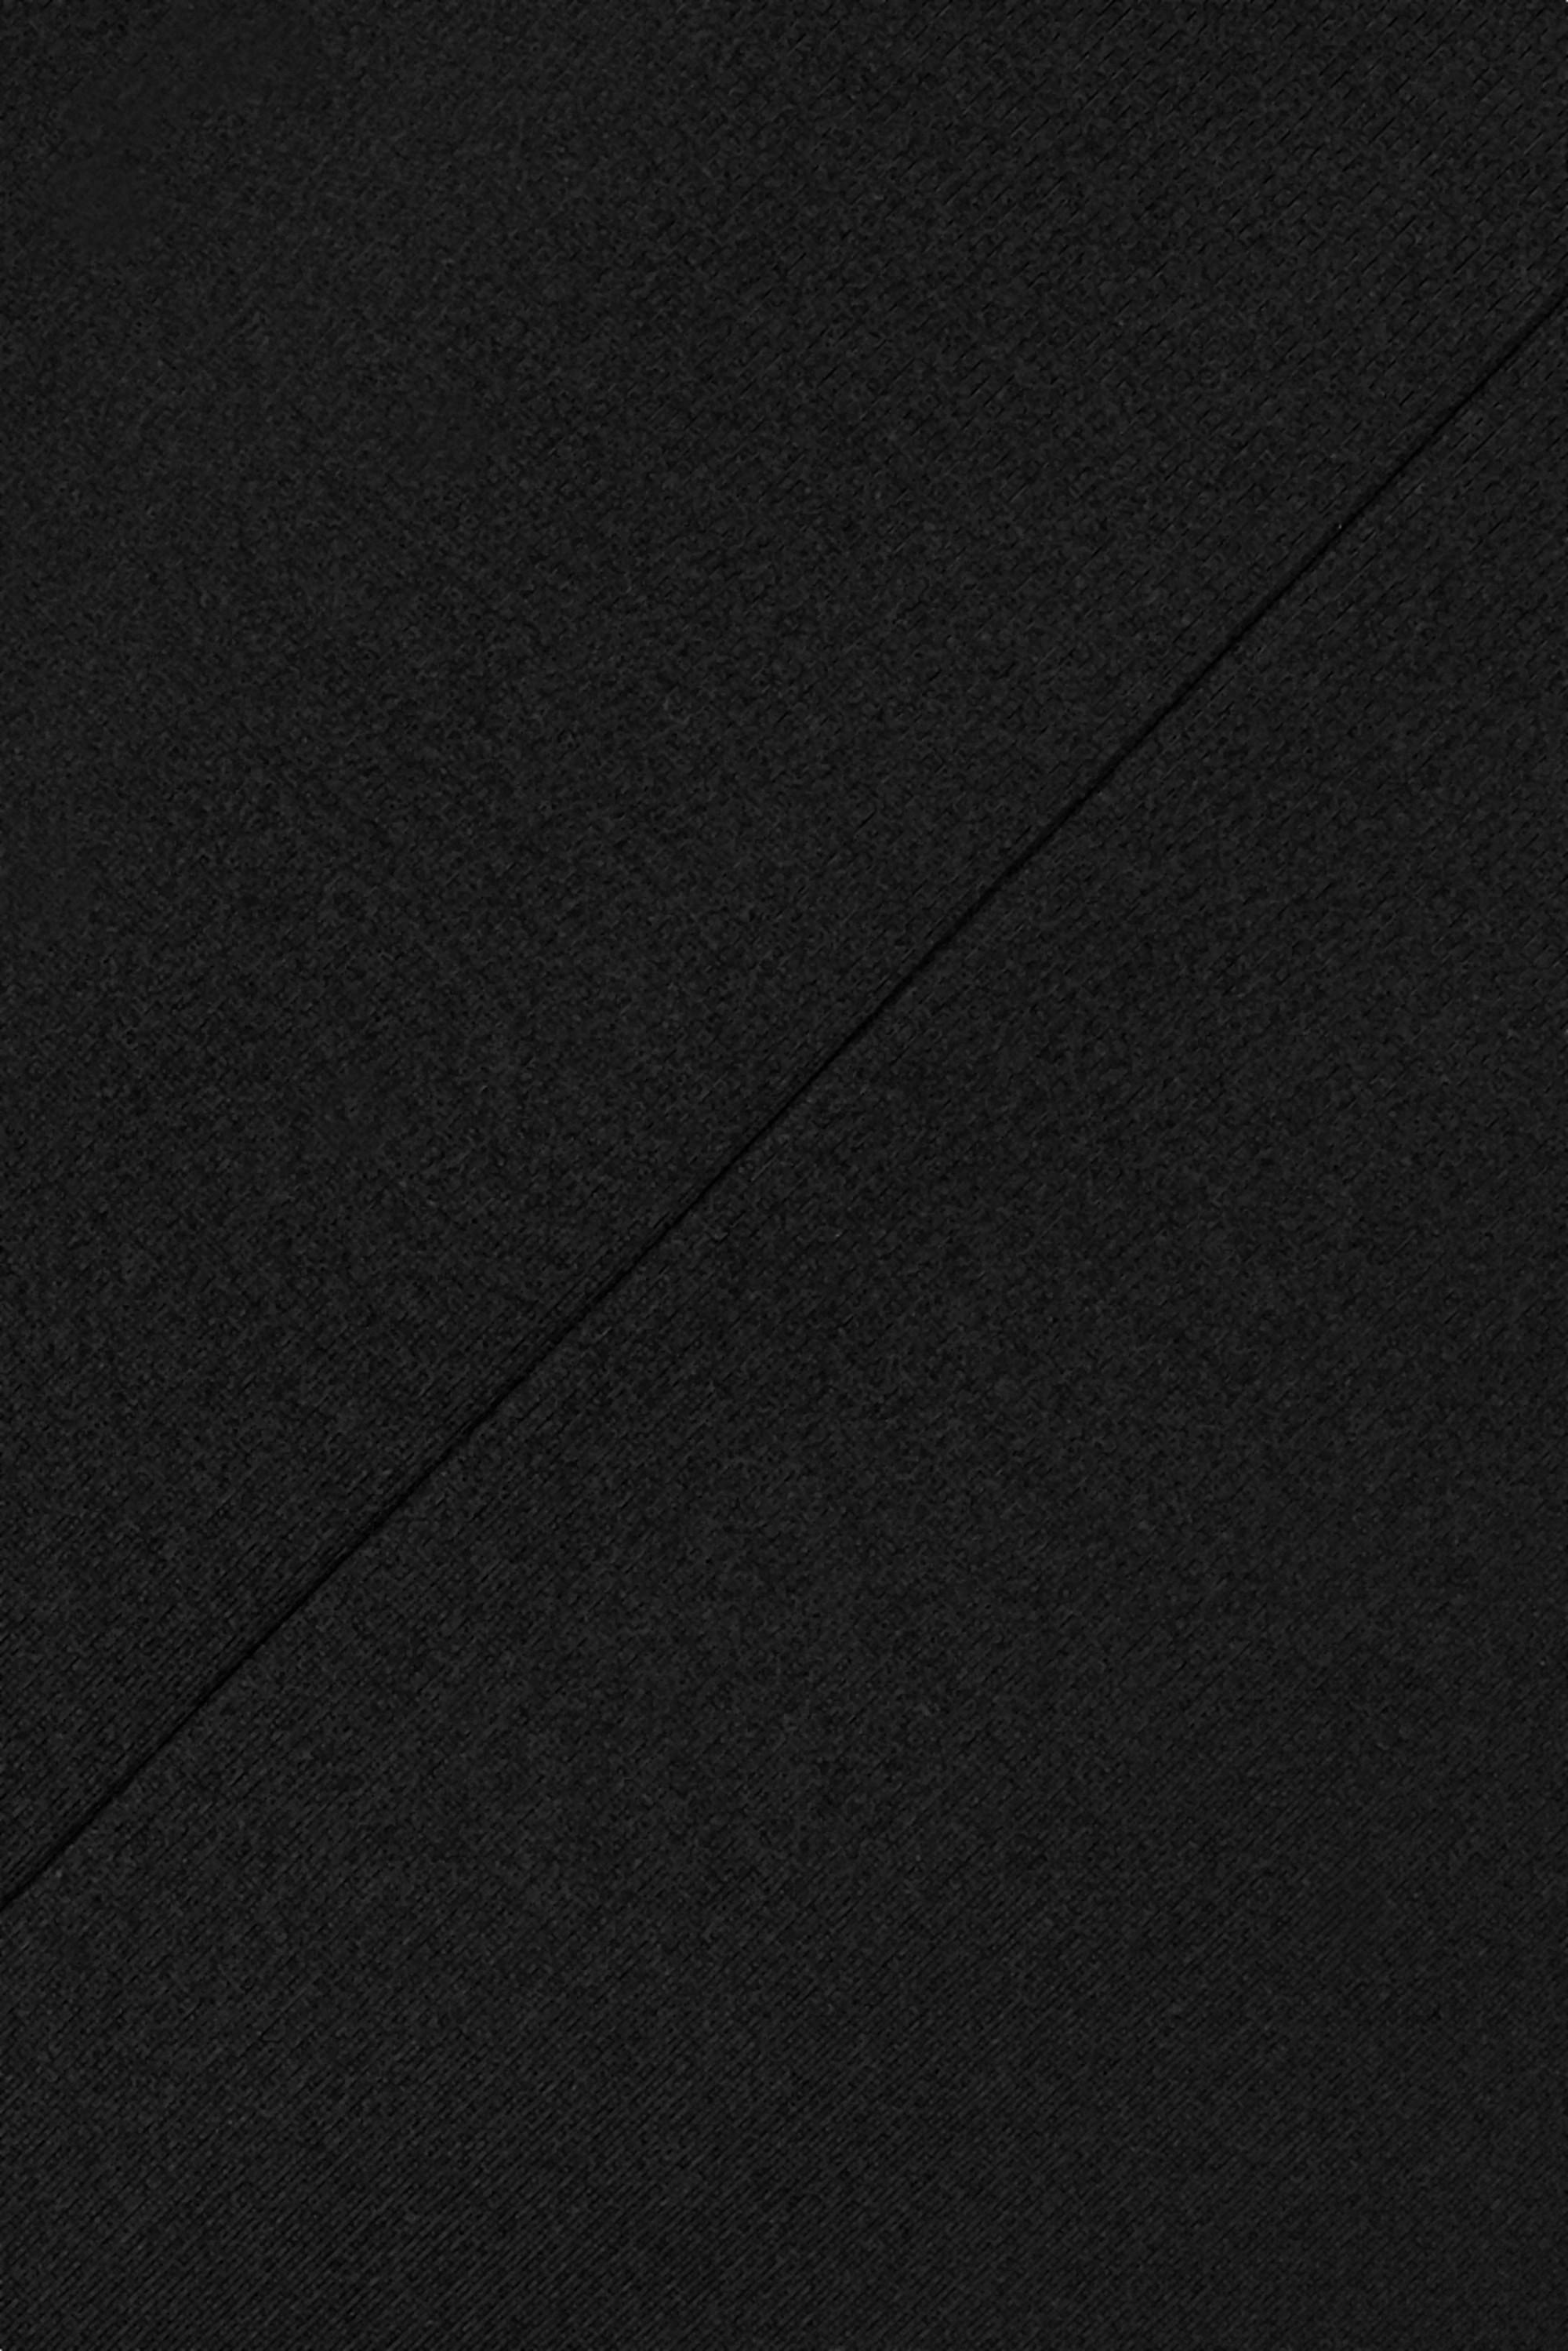 Noir Robe Longue En Cady Cobai | The Row